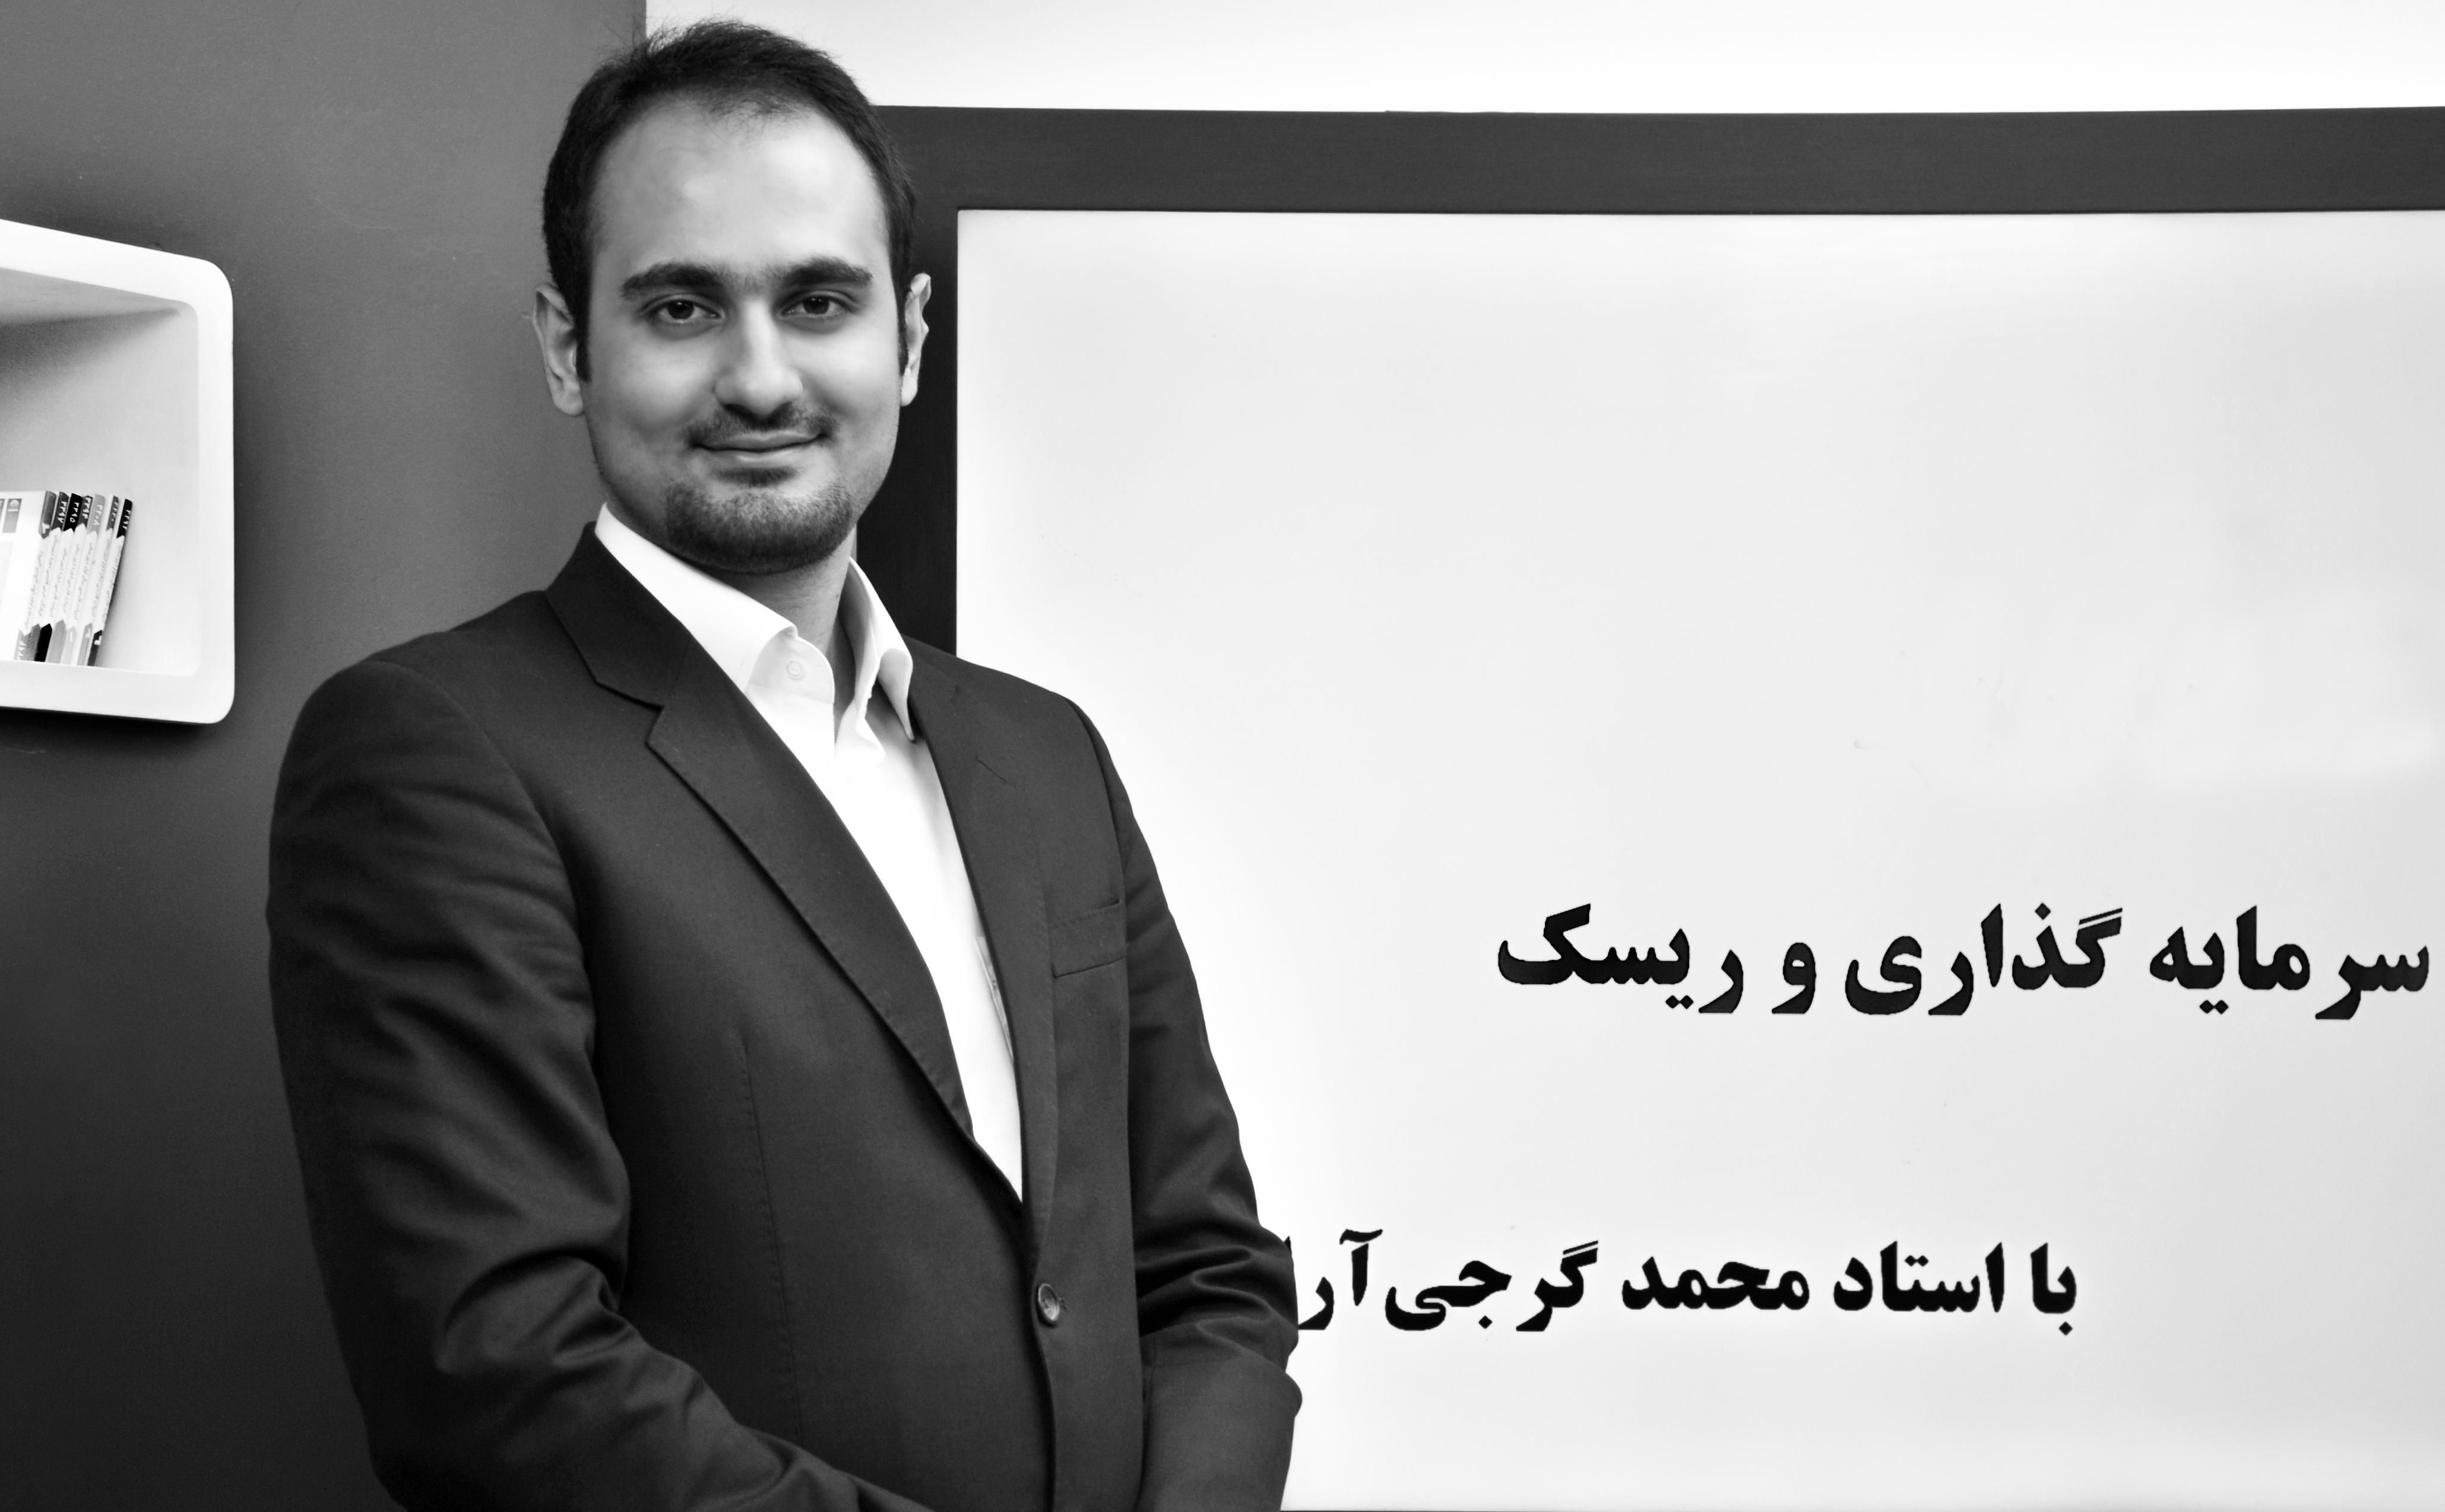 استاد محمد گرجی آرا